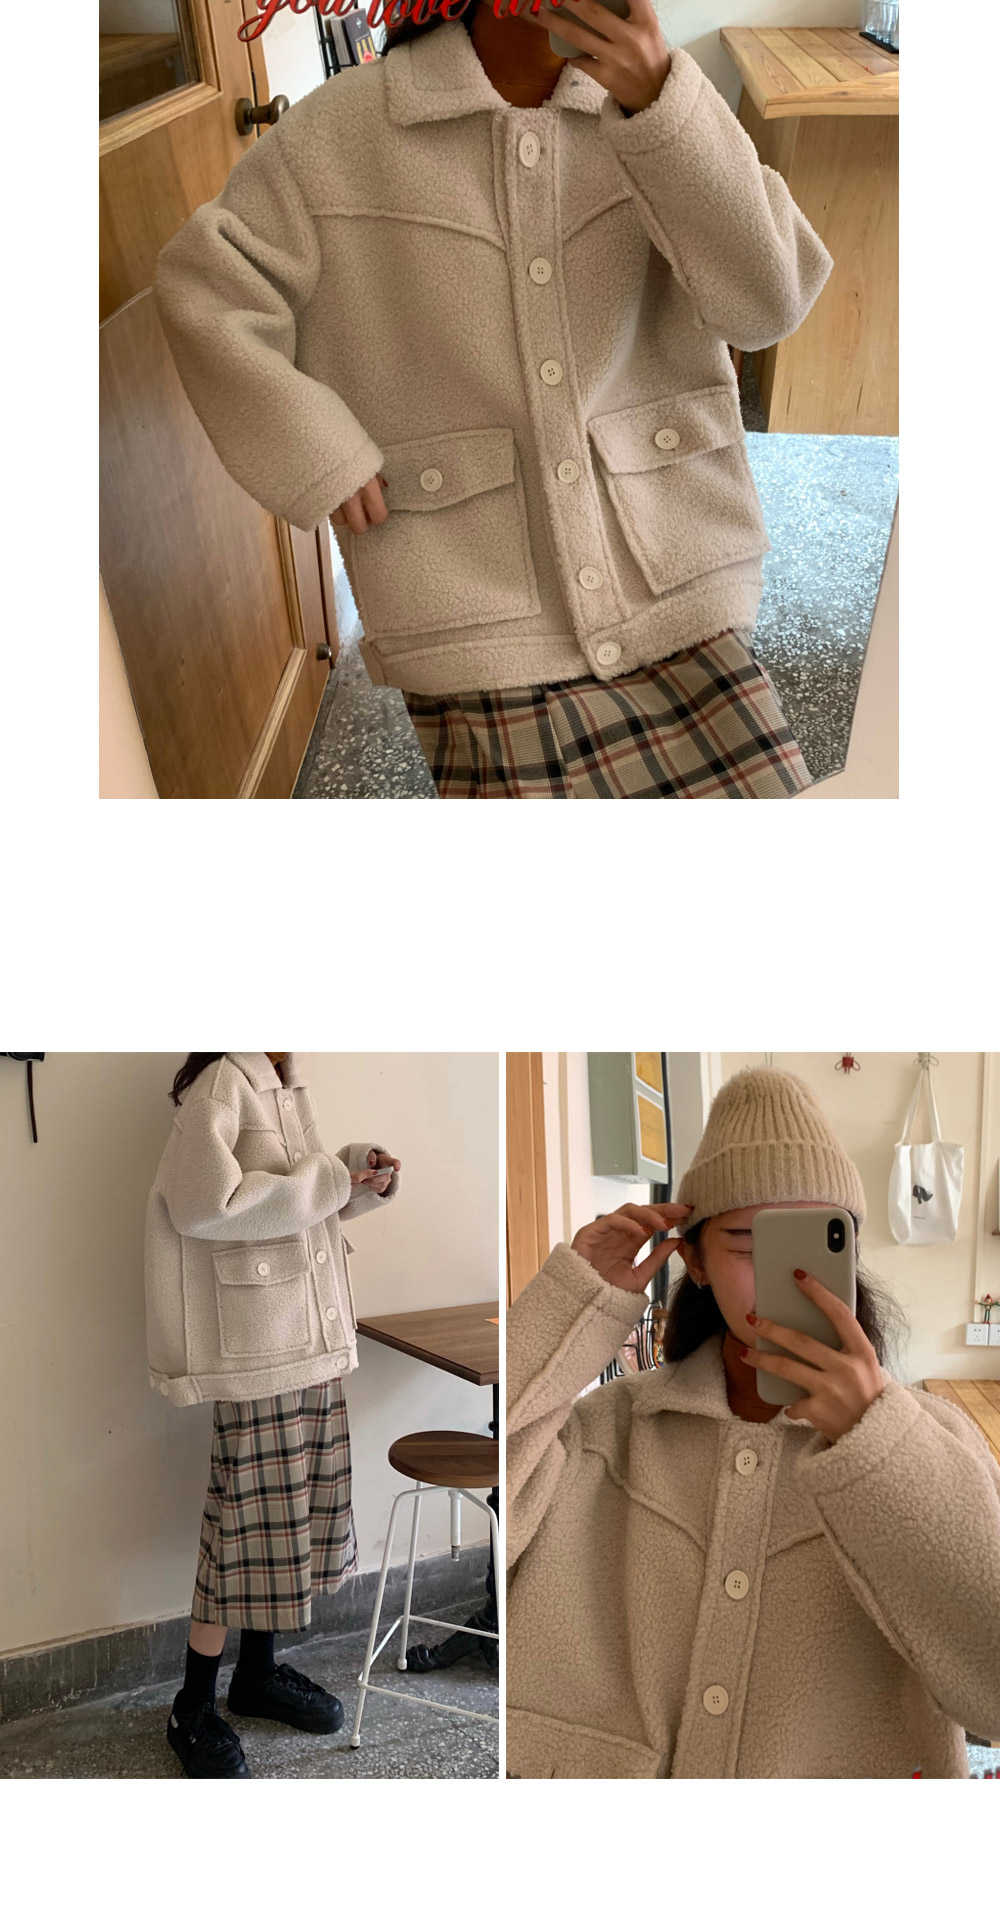 겟잇미 포켓 심플 덤블 뽀글이 하프자켓 - 겟잇미, 49,340원, 아우터, 자켓